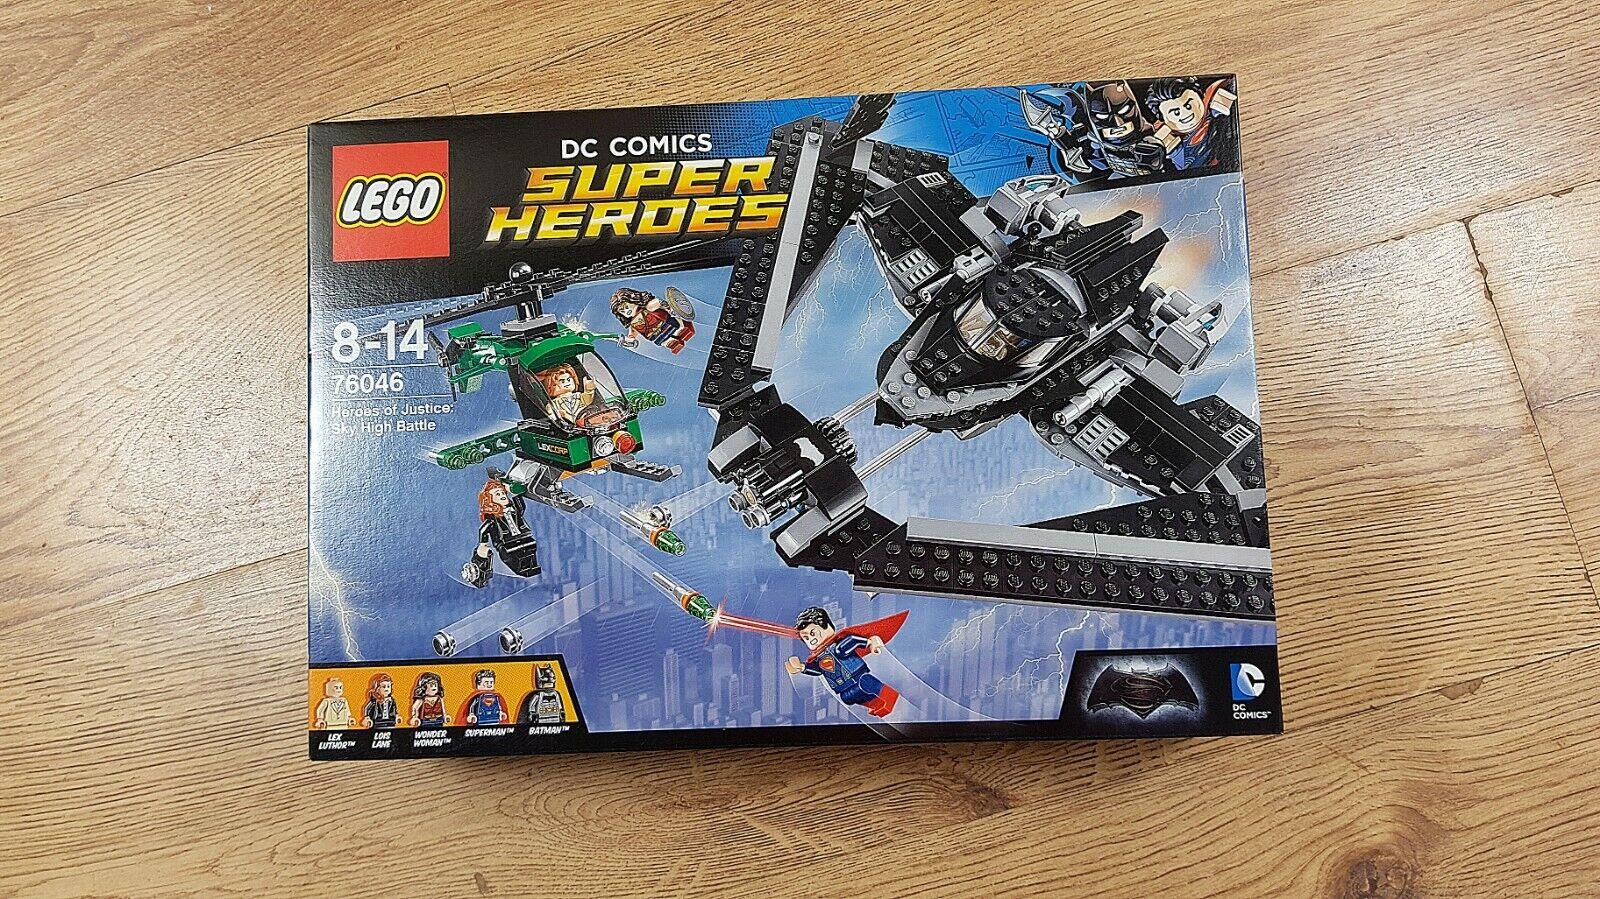 LEGO DC 76046 héros de la justice   Sky High bataille de 2016   Neuf, non ouvert  service de première classe